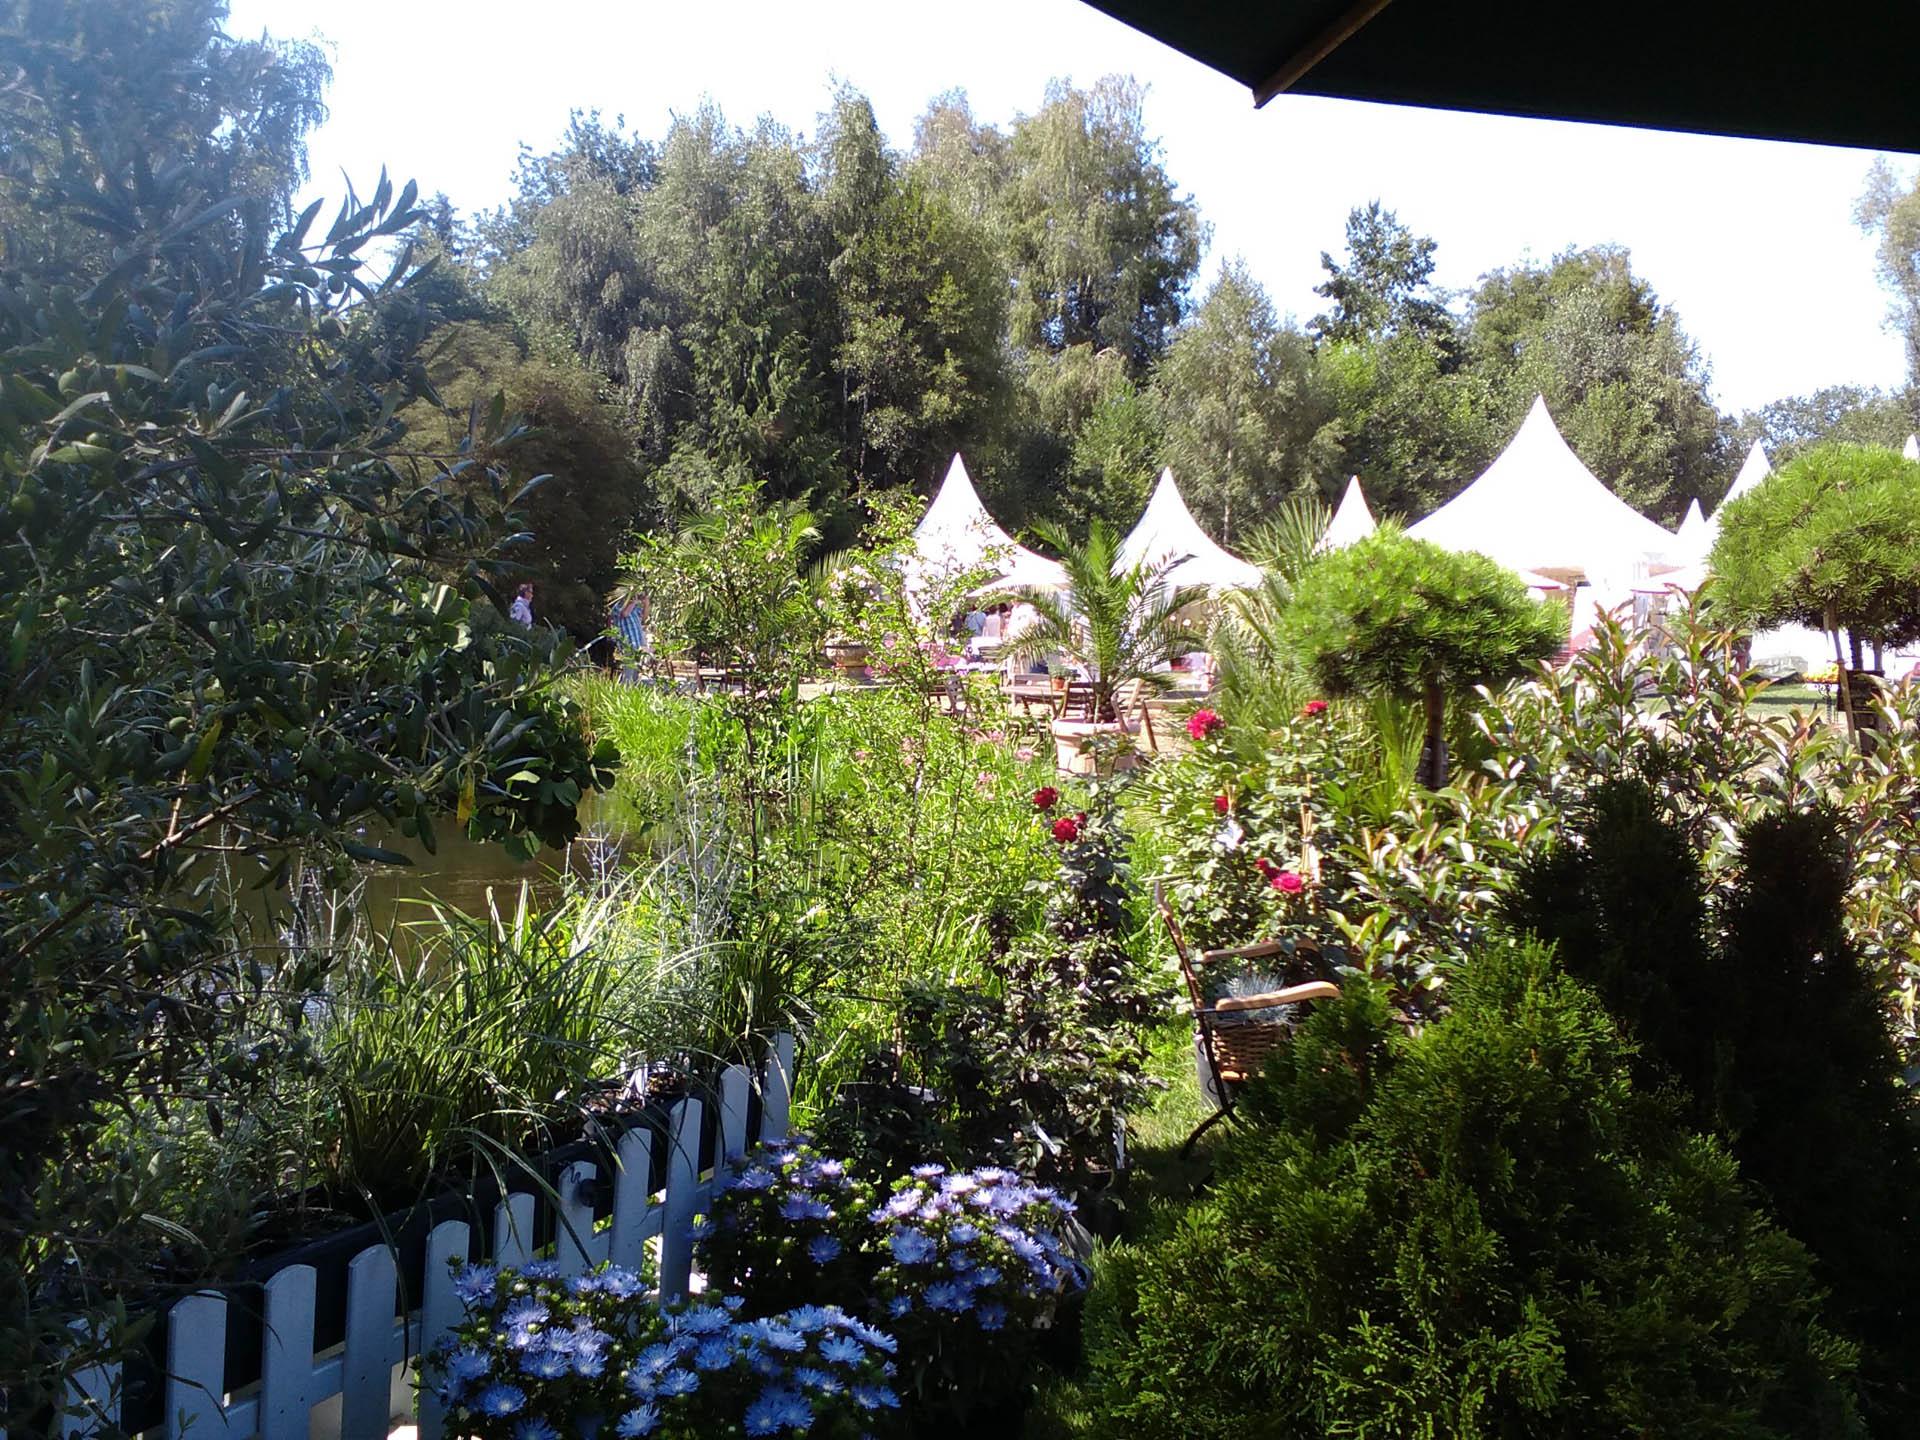 Blick über einen Garten mit Pagoden und blühenden Pflanzen